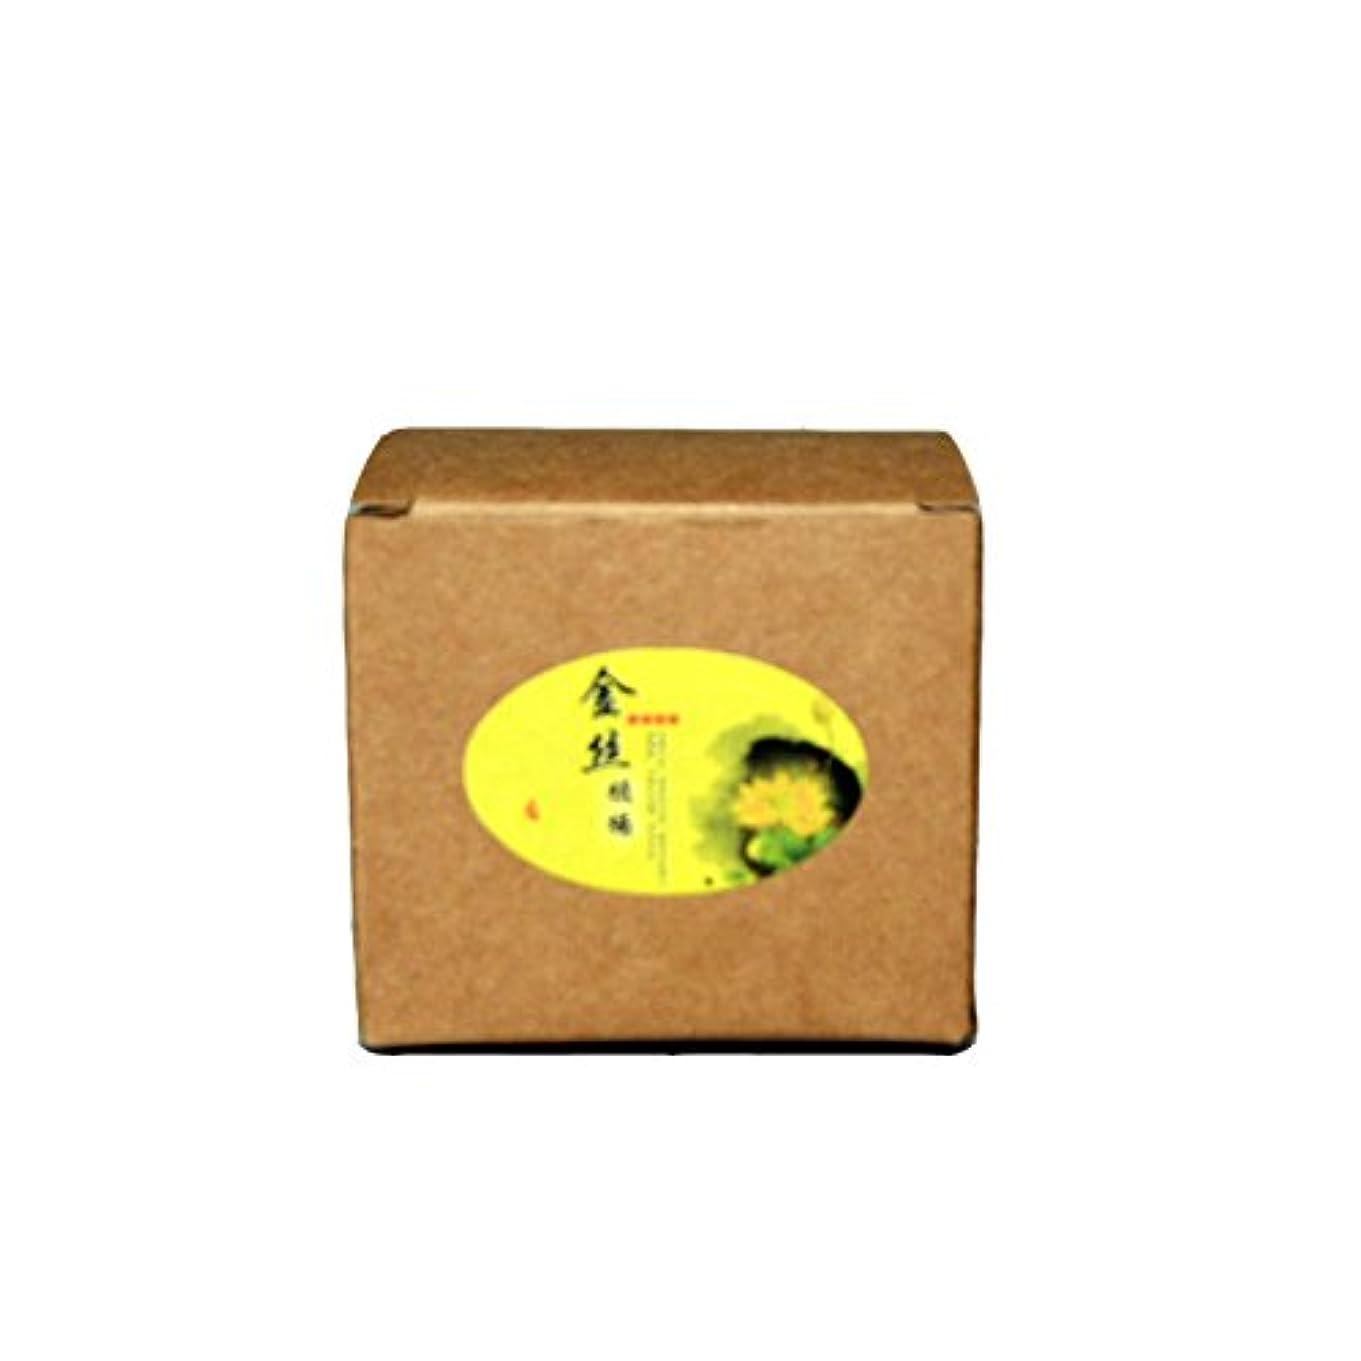 リアル定規スプリット天然仏香; ビャクダン; きゃら;じんこう;線香;神具; 仏具; 一护の健康; マッサージを缓める; あん摩する